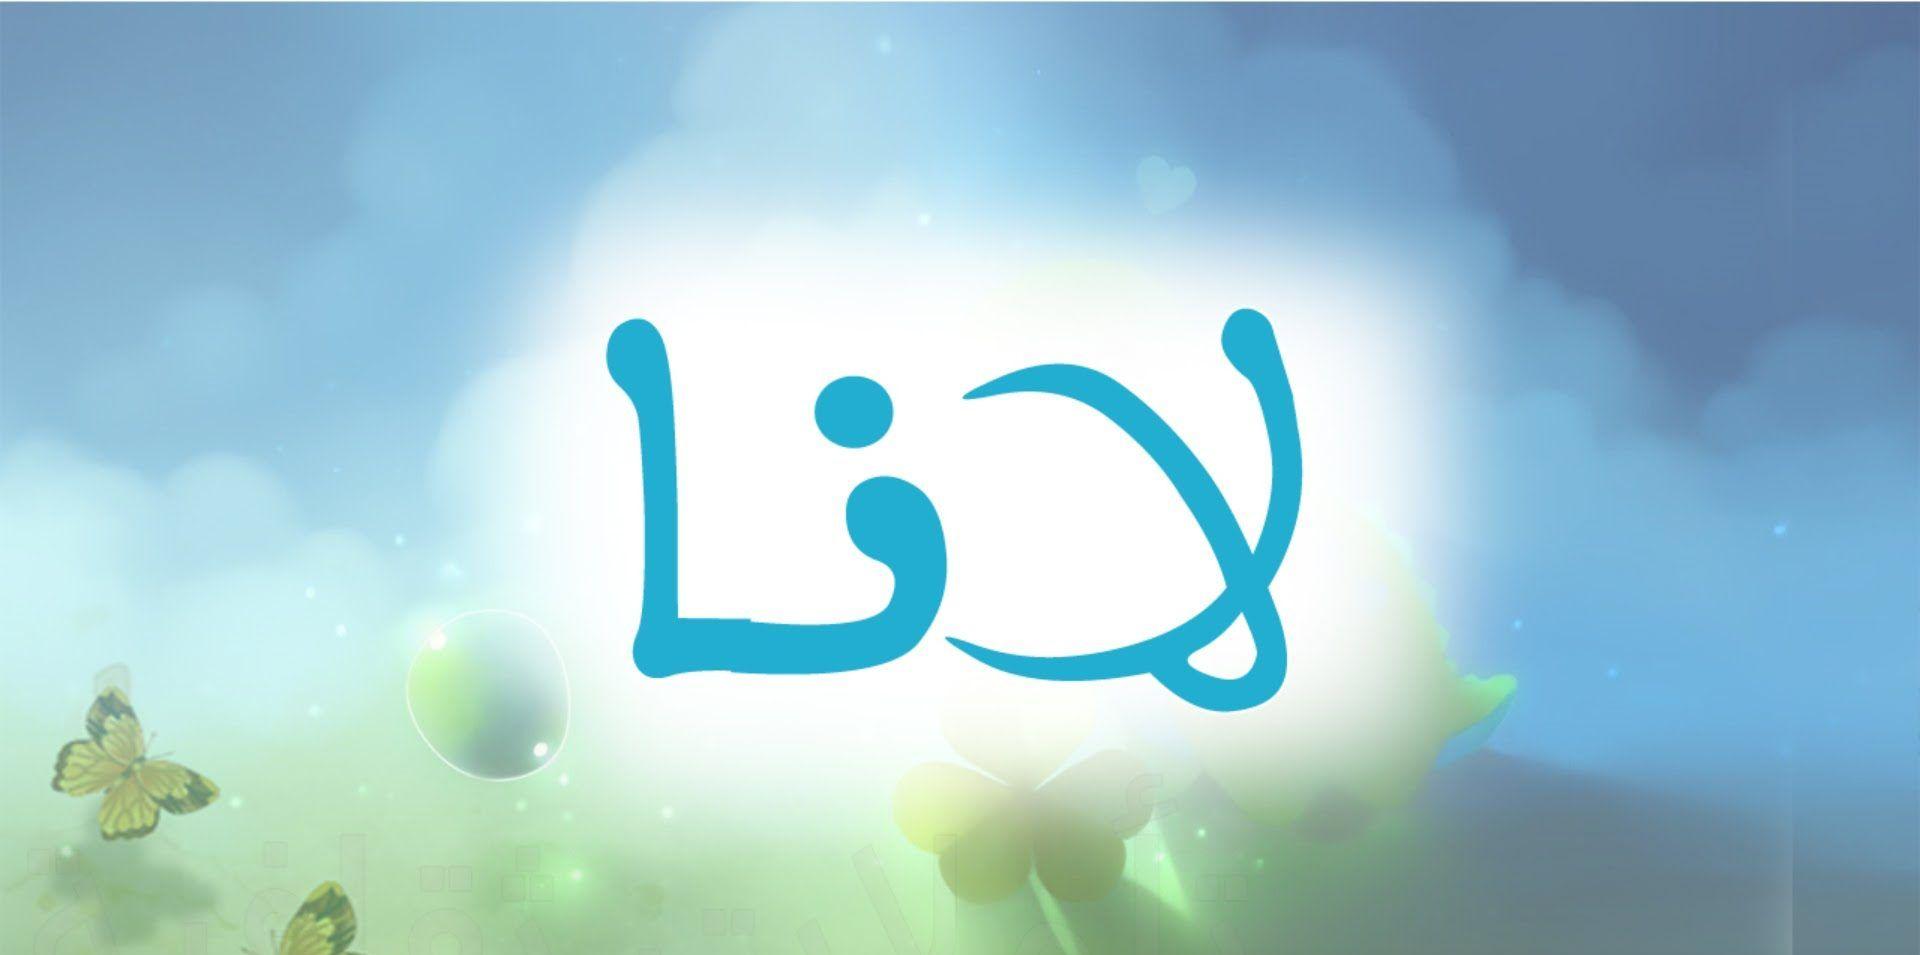 تعر ف على أصل ومعنى اسم لانا Lana في المعجم موقع مصري In 2021 Arabic Calligraphy Calligraphy